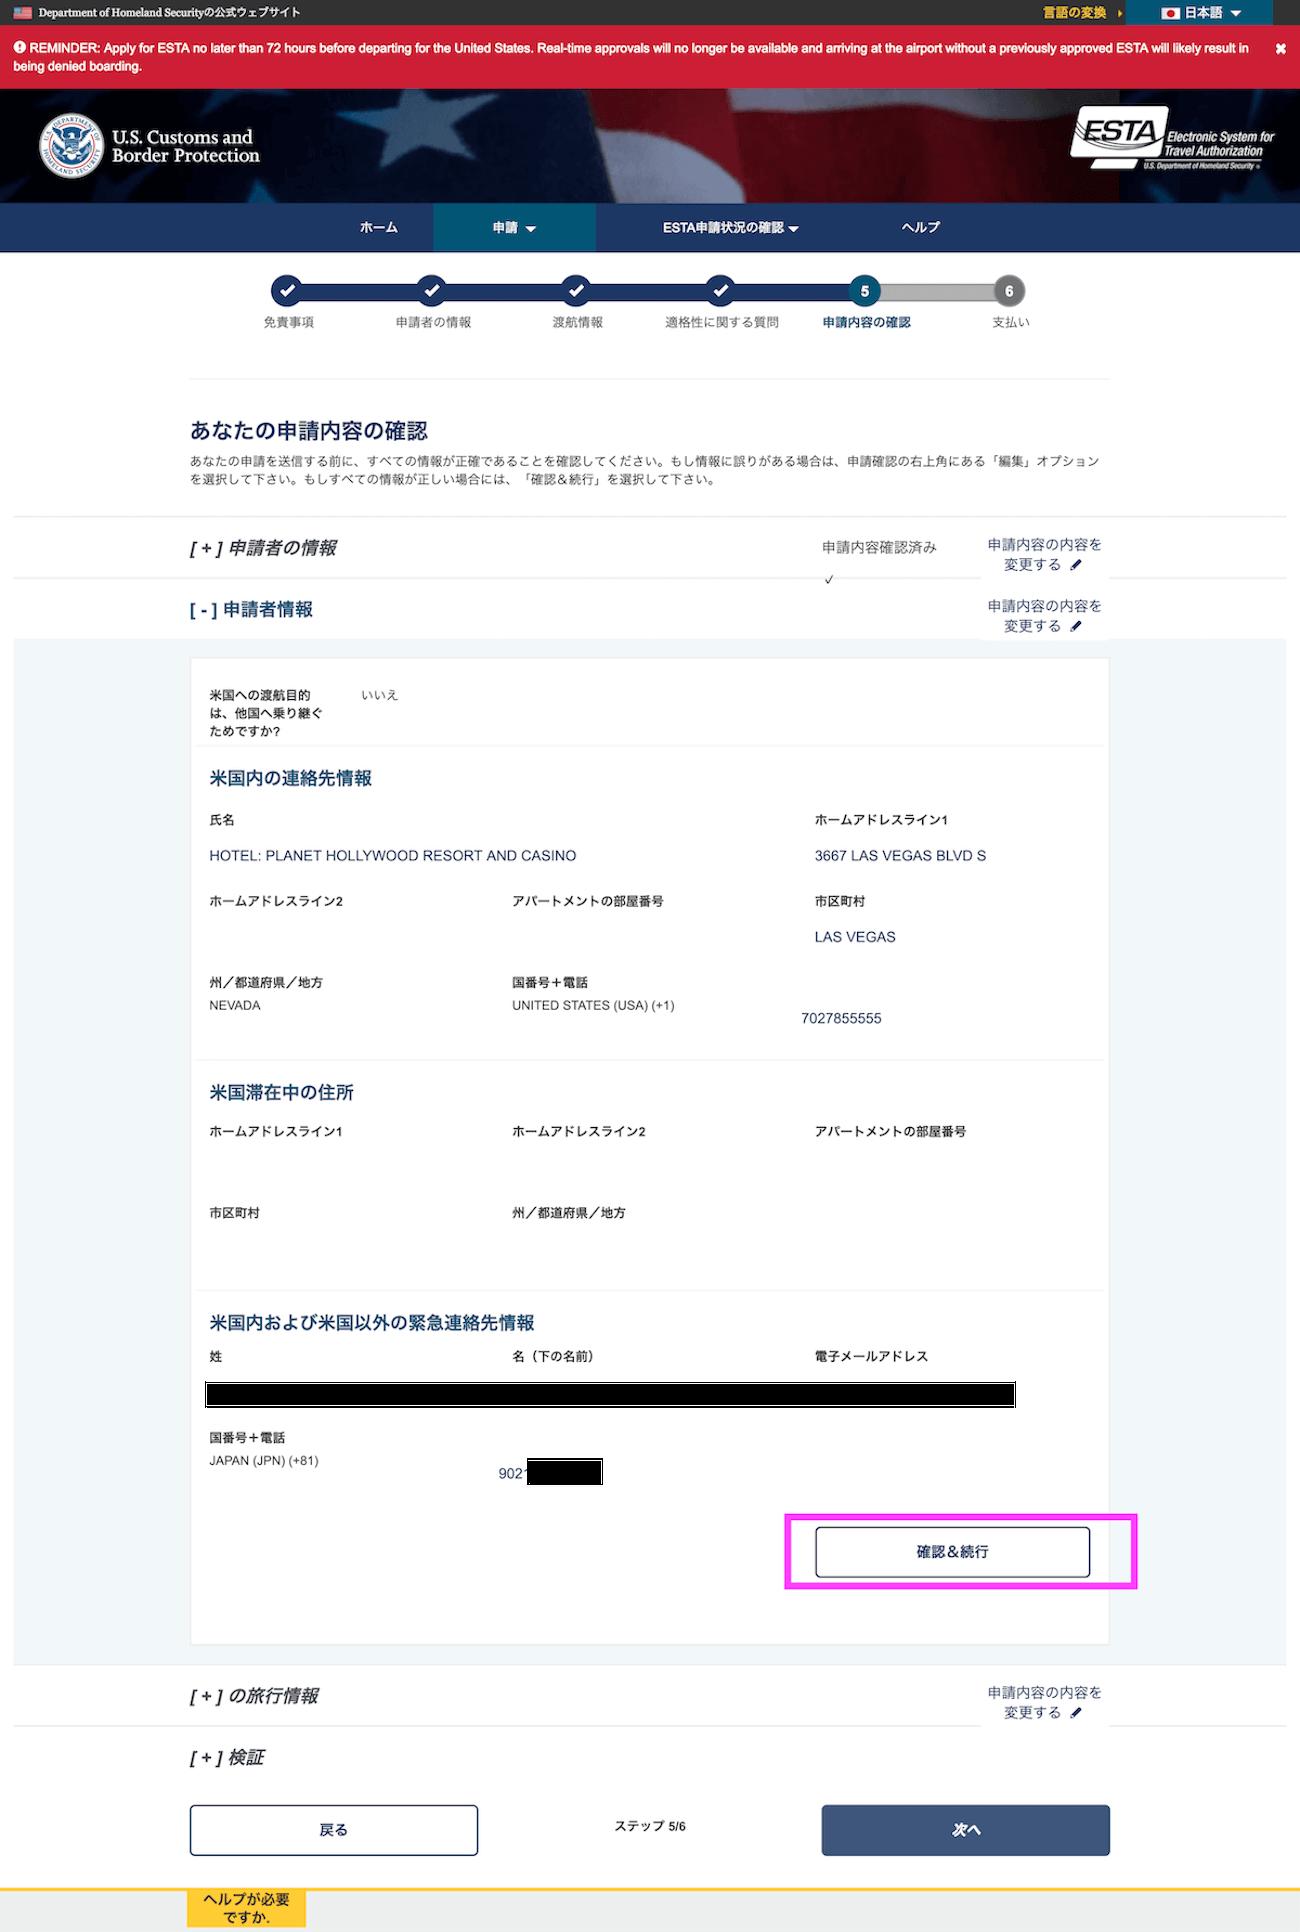 アメリカ入国のESTA(エスタ)申請方法(手順)9